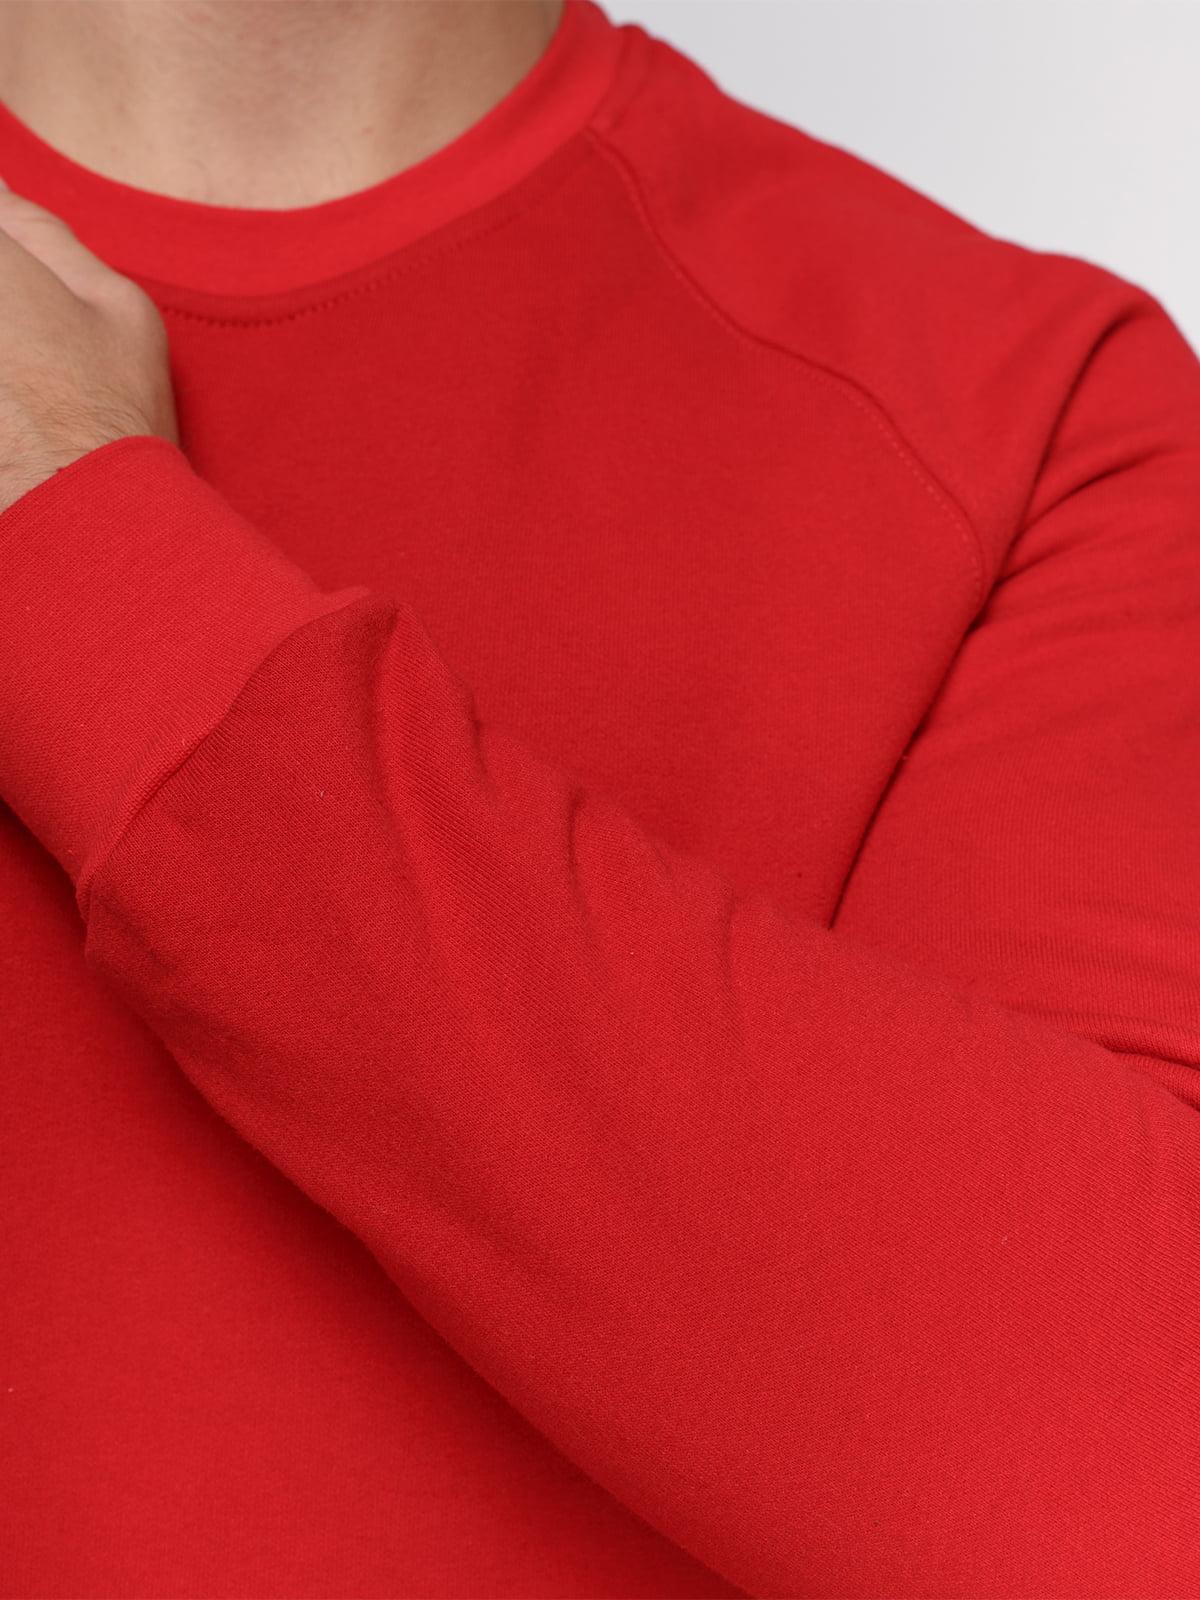 Світшот червоний з начосом | 4768998 | фото 3